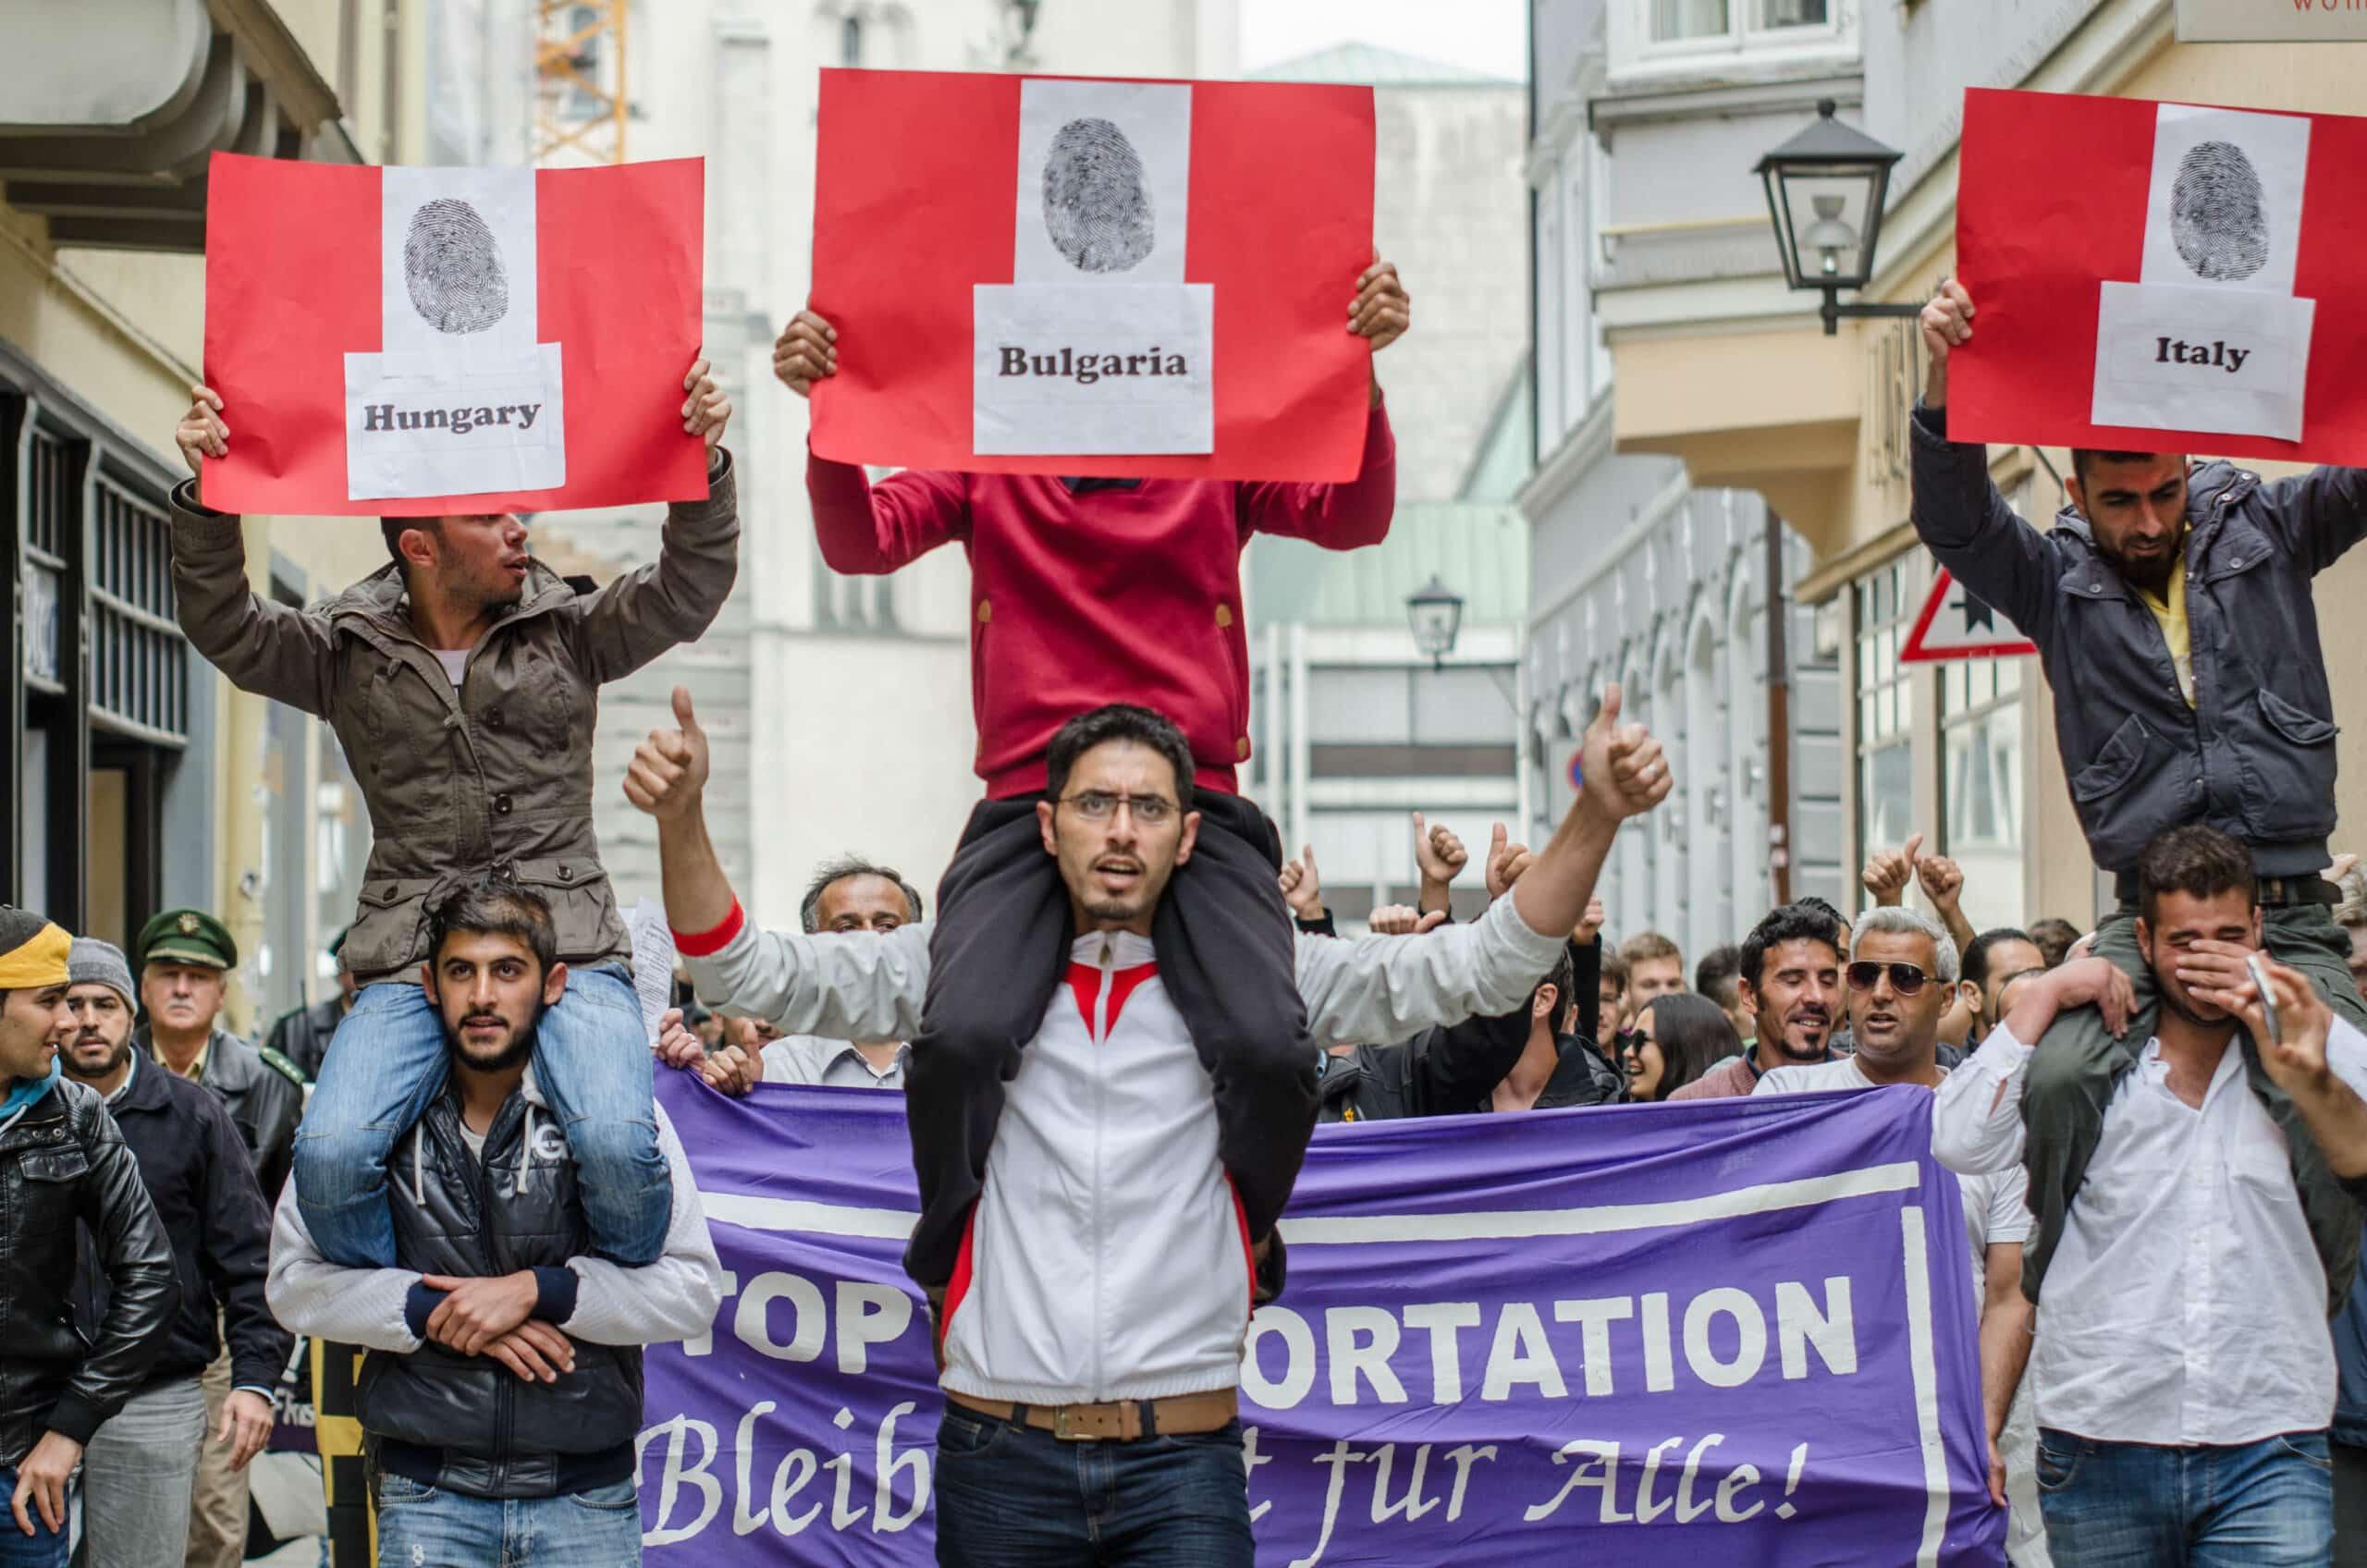 Etwa 300 Menschen demonstrierten am Samstag in Regensburg gegen die Dublin-Verordnung und Abschiebungen nach Ungarn.